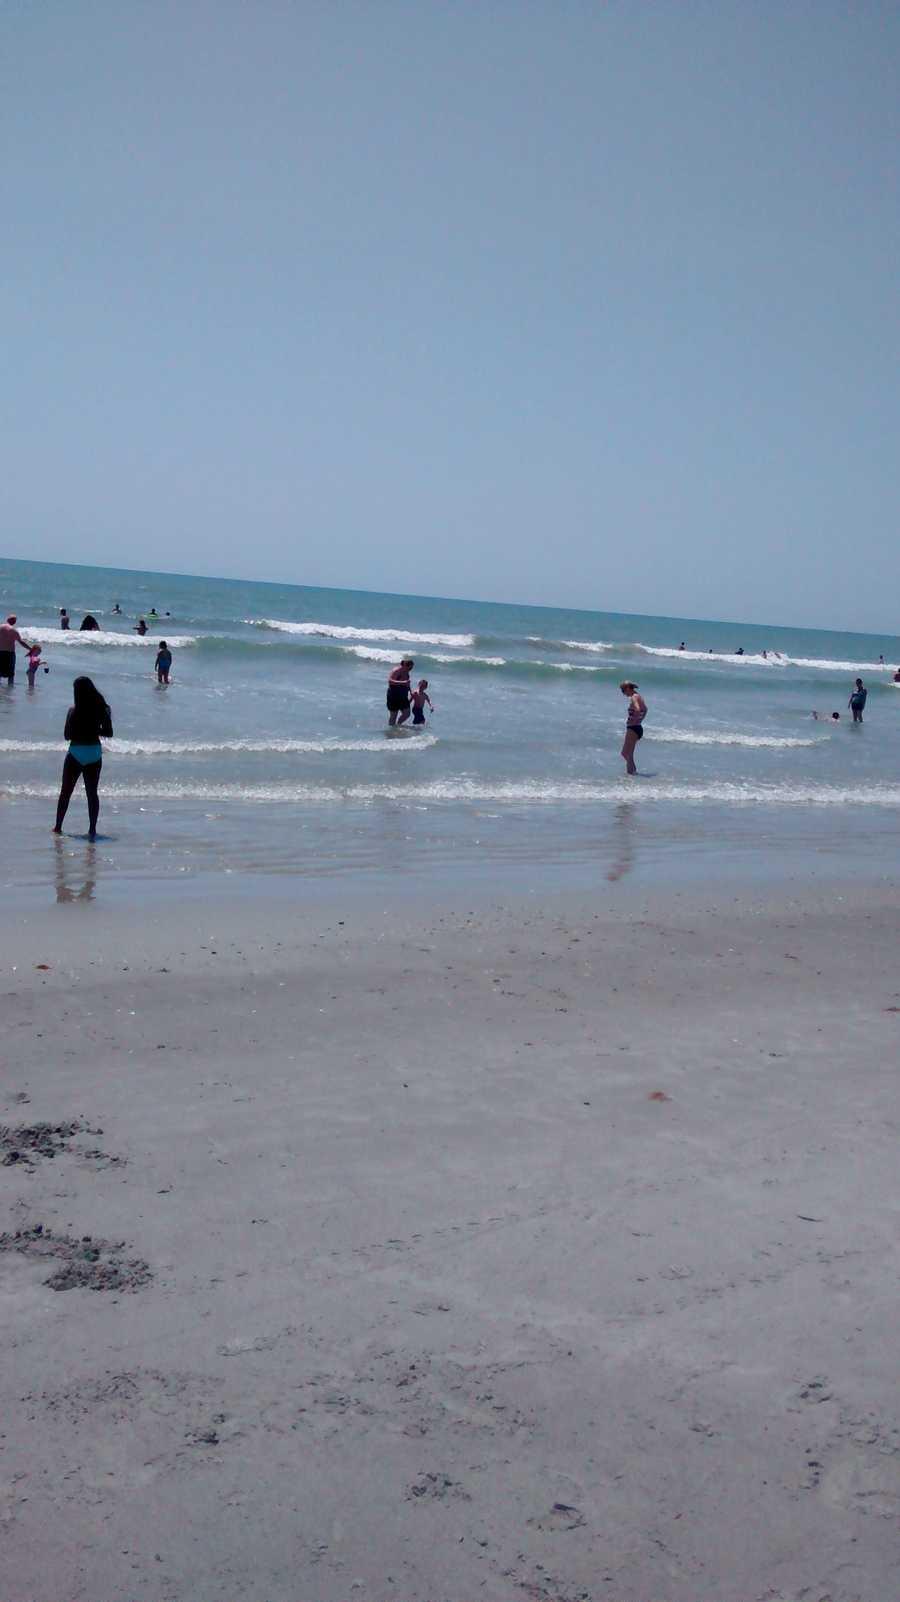 2014: Cocoa Beach today